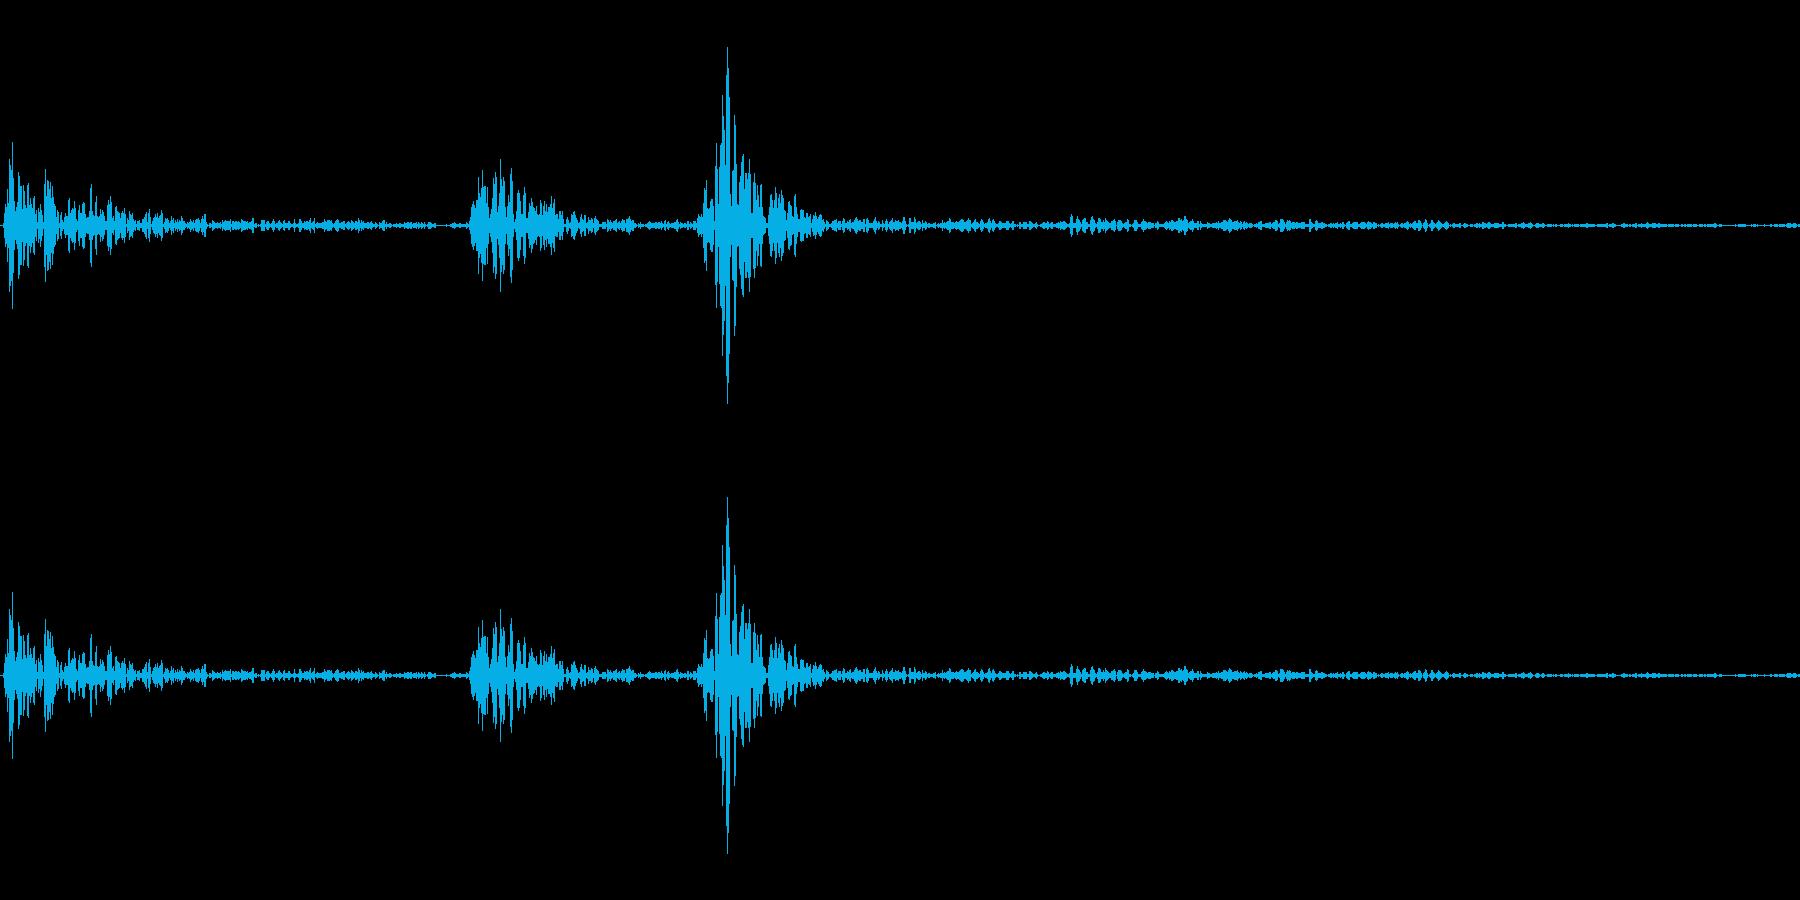 カチッ(装着/スイッチ/セット)の再生済みの波形